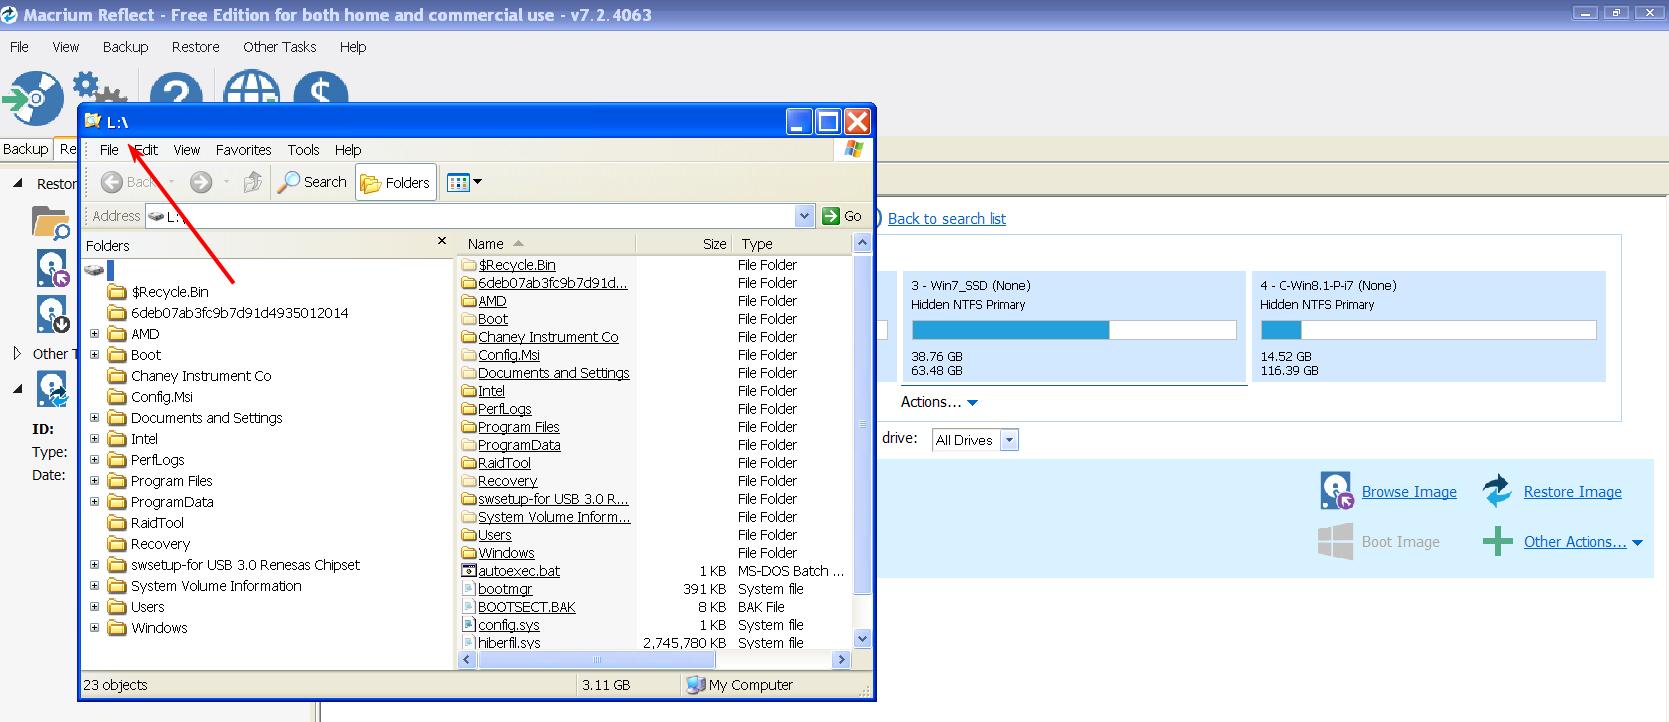 Windows-Explorer-showing-Drive-L